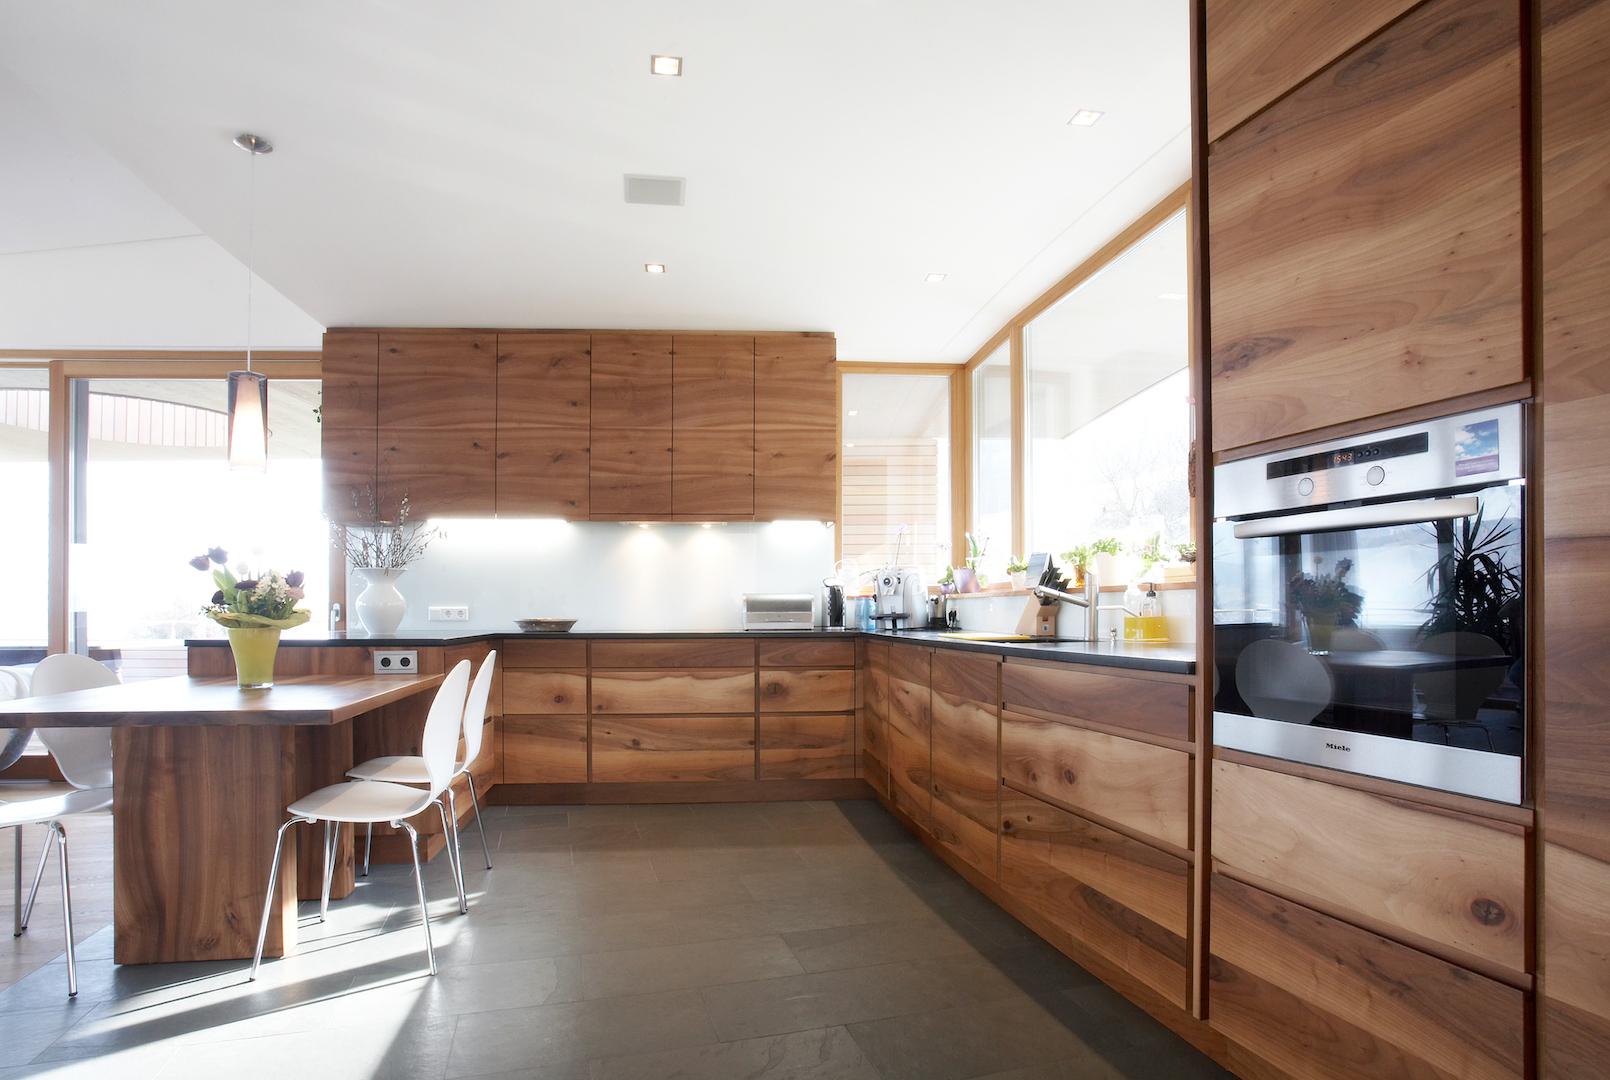 Ein Haus mit viel wildem Holz